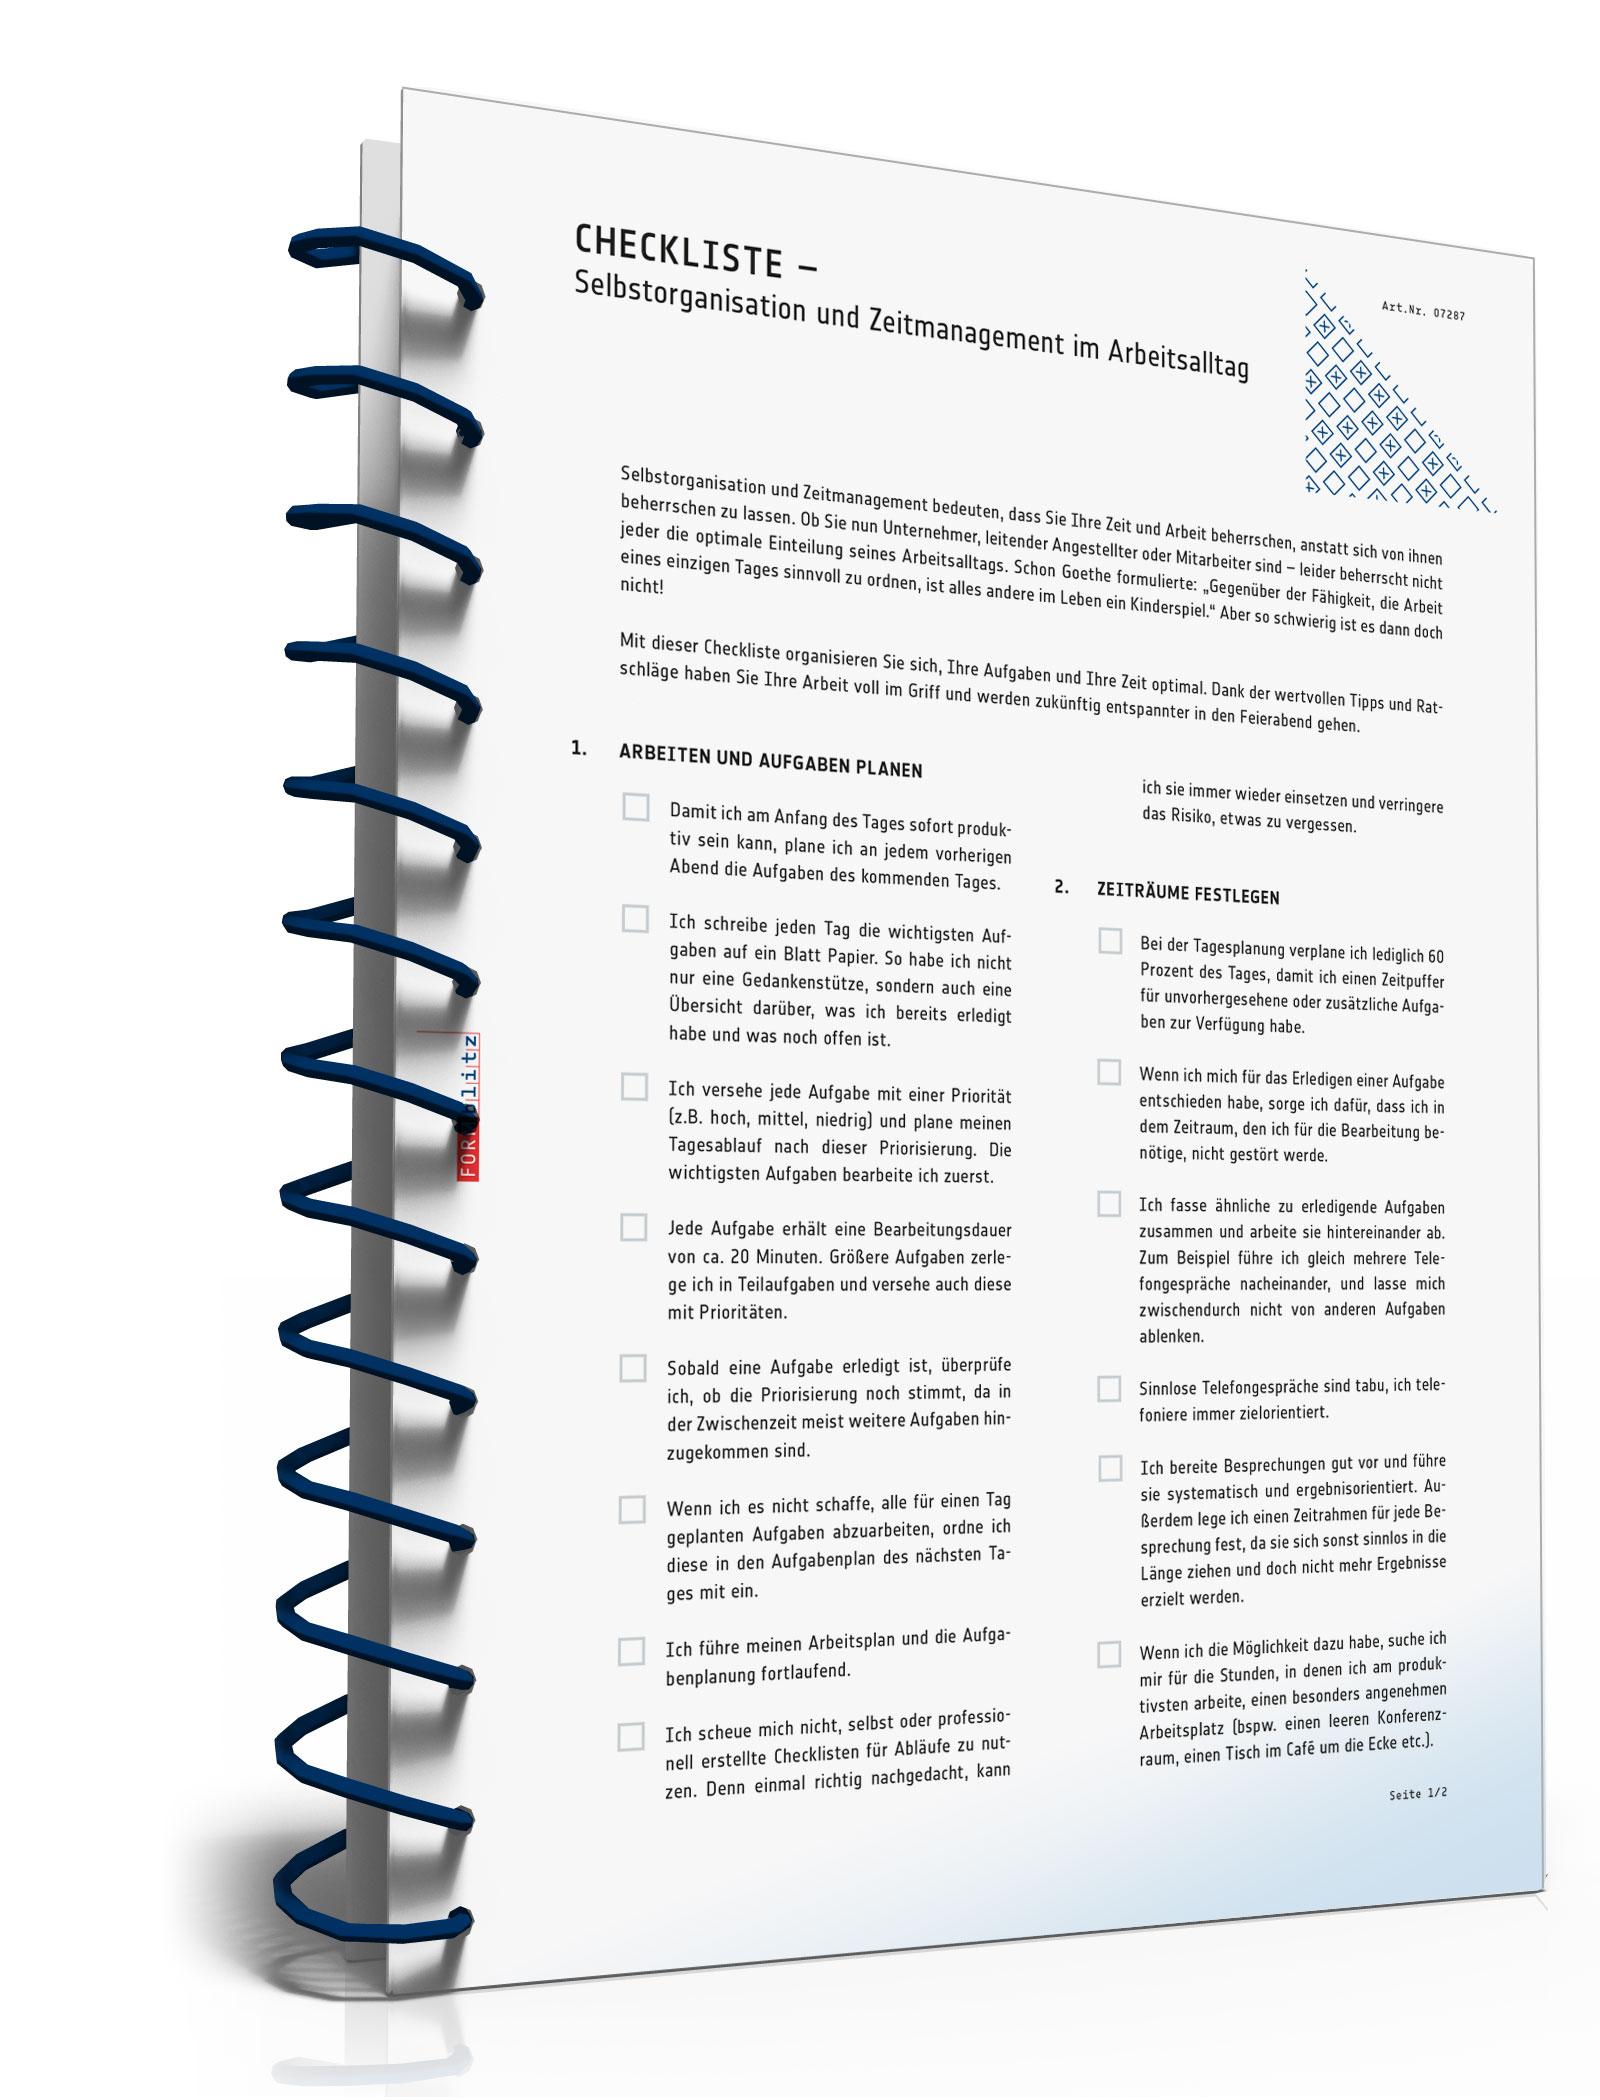 Checkliste Selbstorganisation/Zeitmanagement Arbeitsalltag [PDF Download]